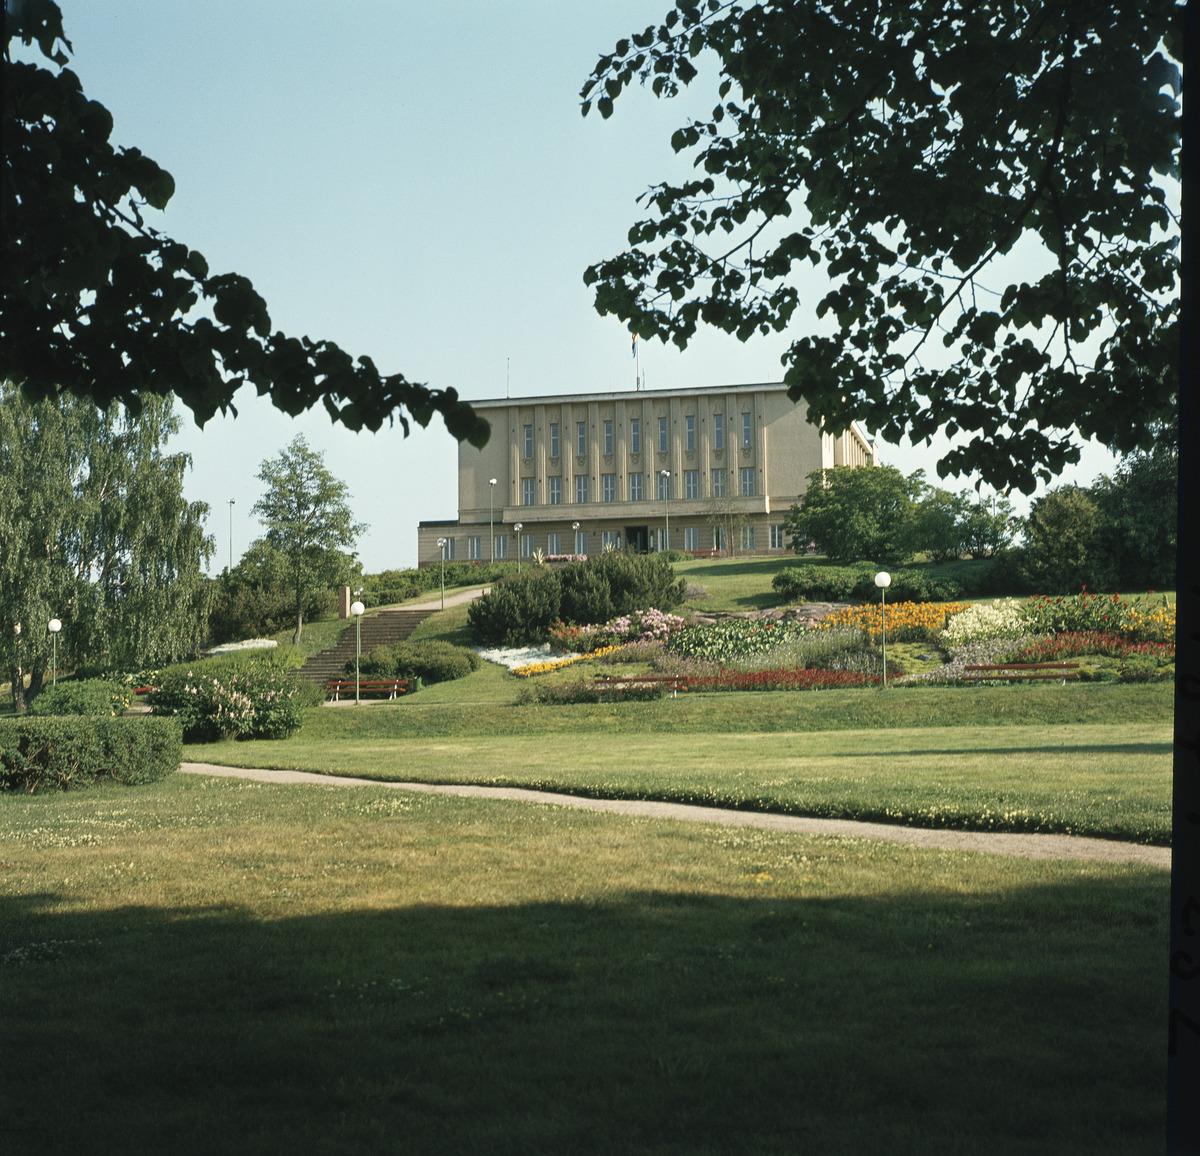 Maarianhaminan kaupungintalo. Kuva: Volker von Bonin. Museovirasto.